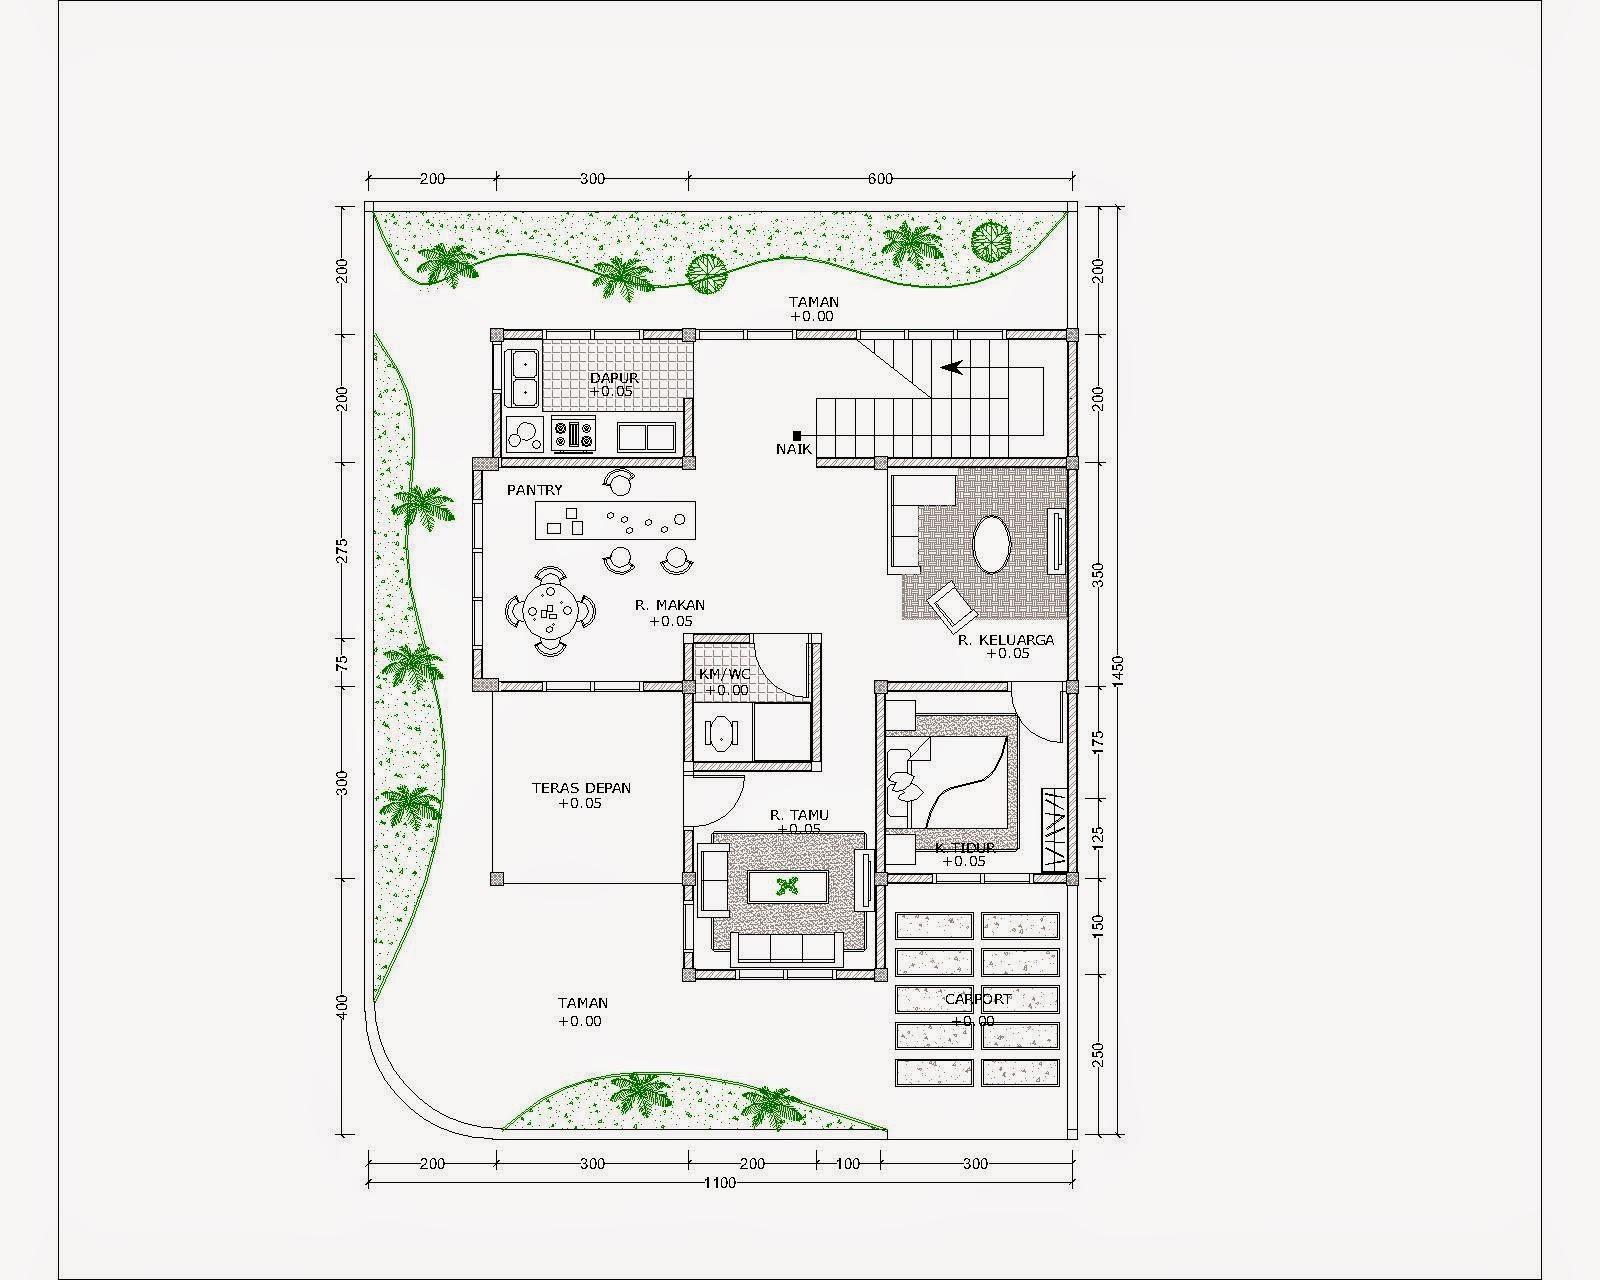 Contoh Gambar Denah Rumah Minimalis Menggunakan Autocad ...